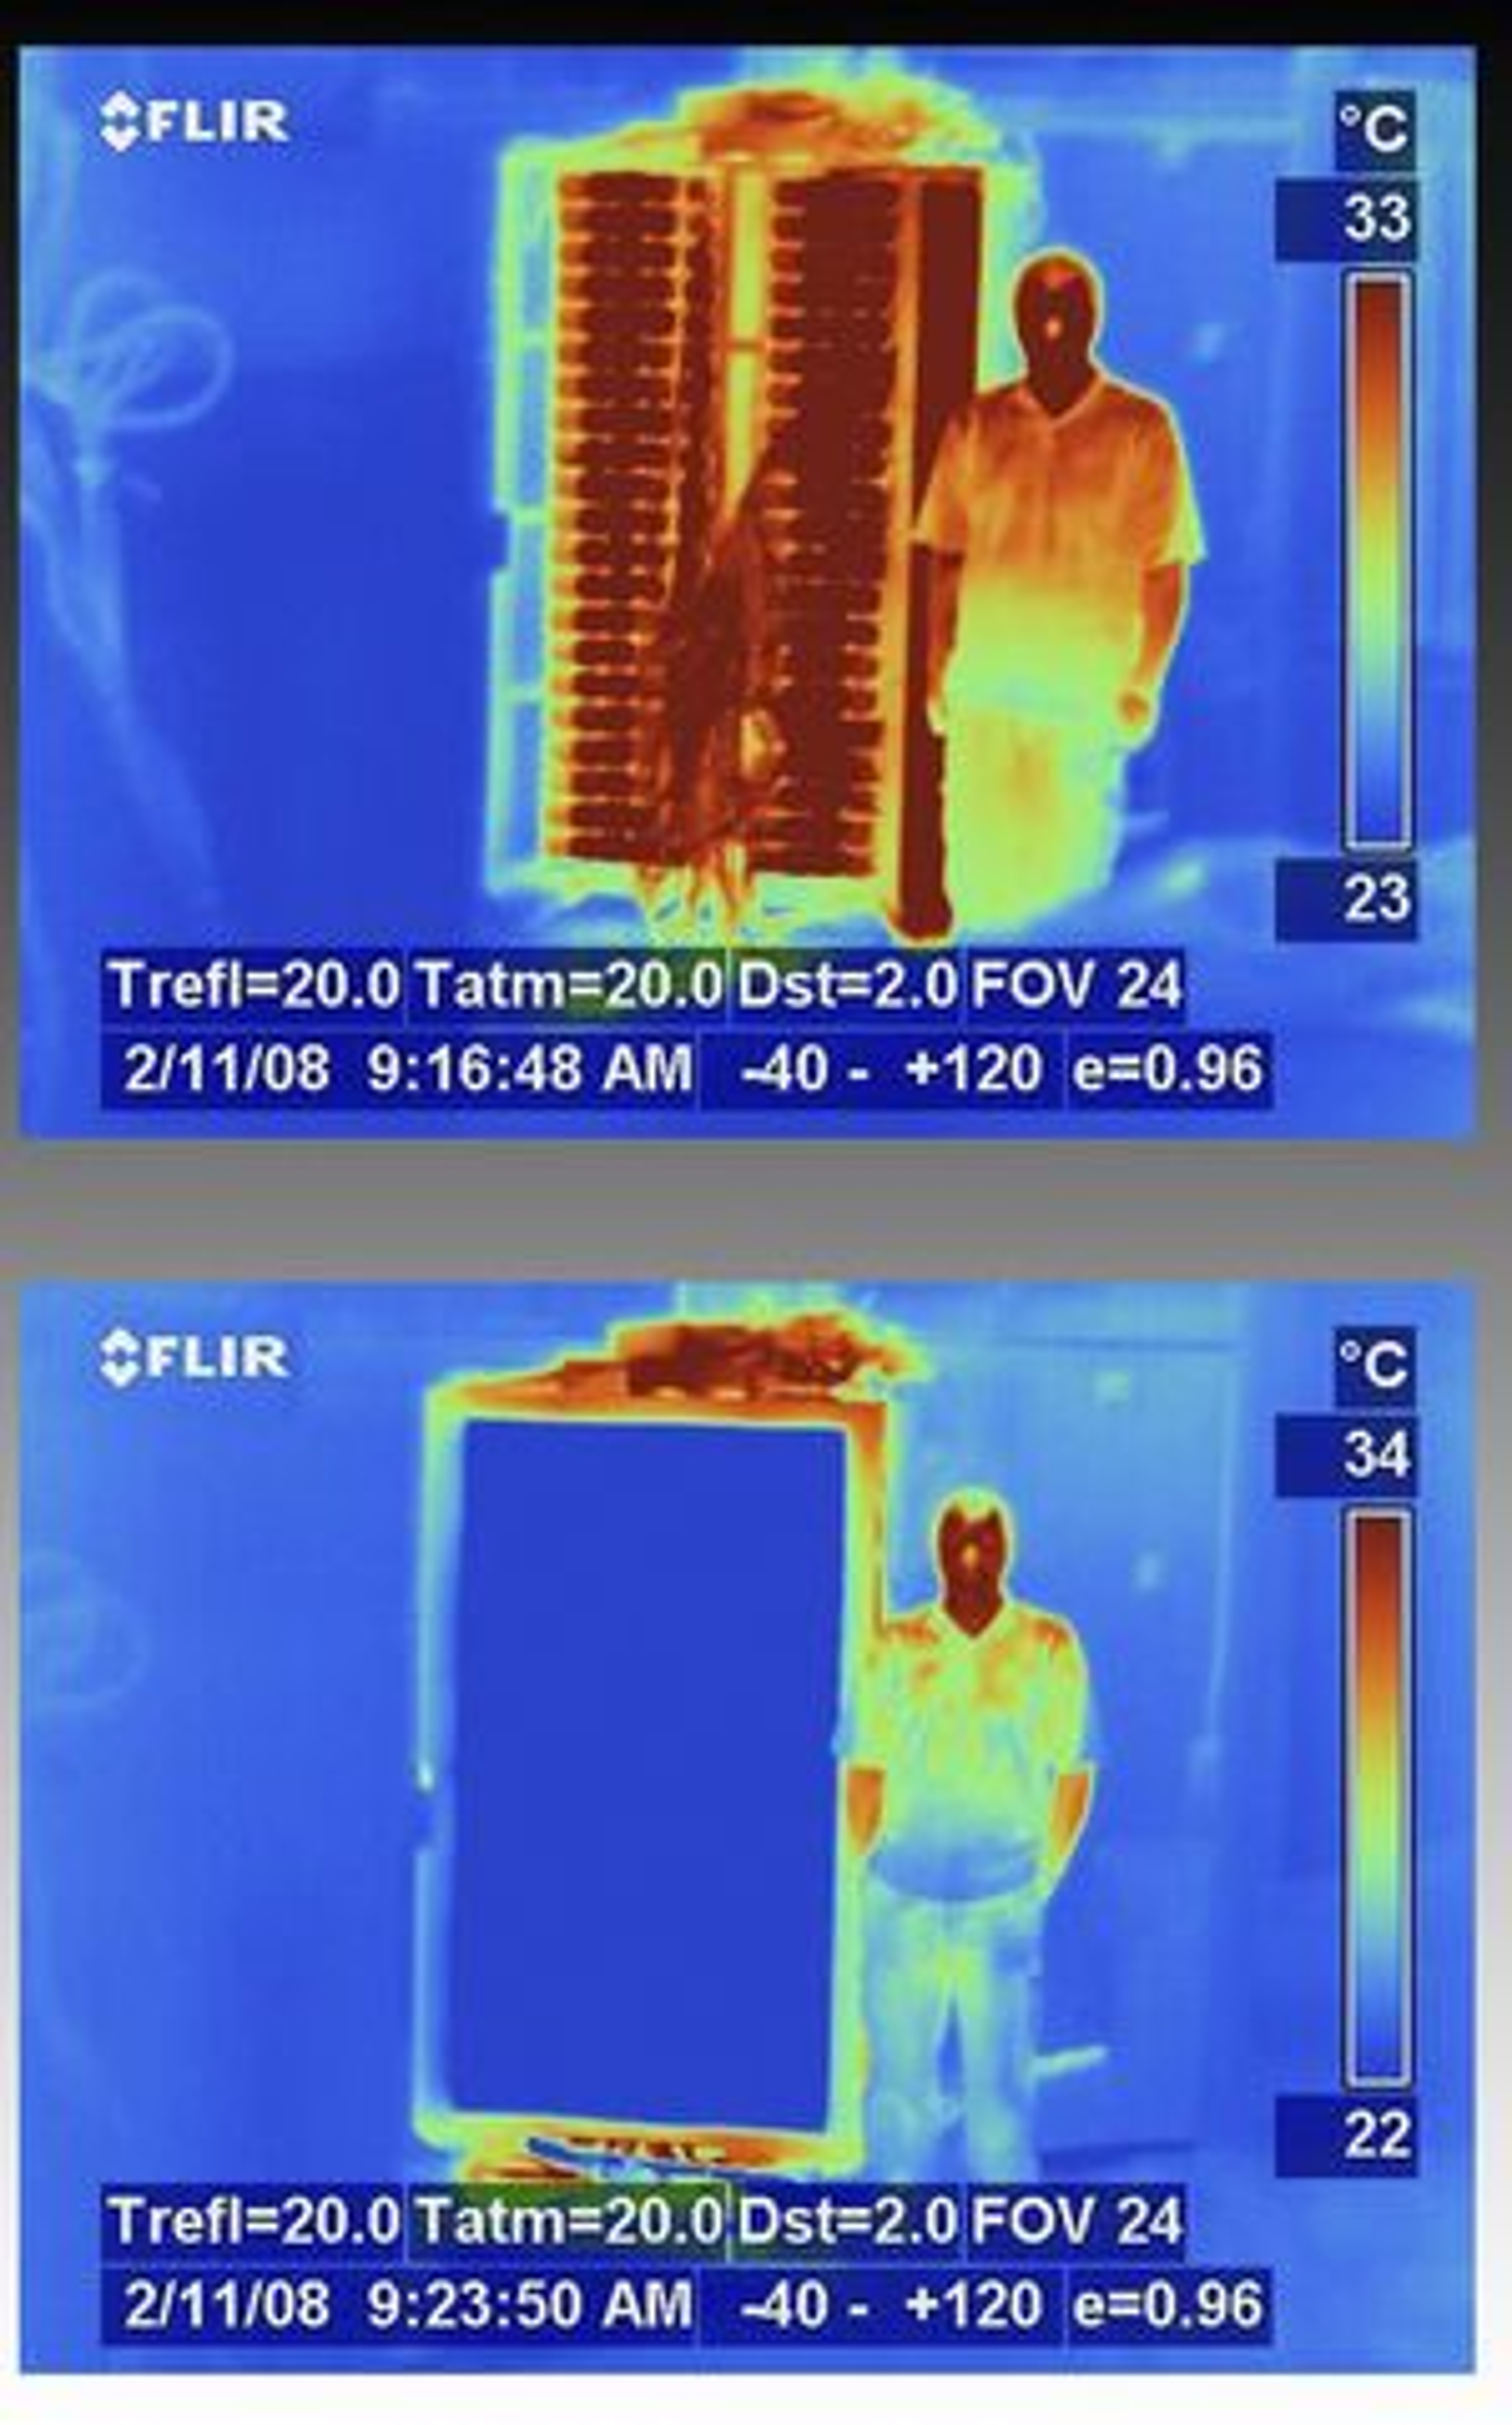 Ved å erstatte den bakre veggen med IBMs vannavkjølte varmeveksler, slipper man klimaanlegg i datarommet.